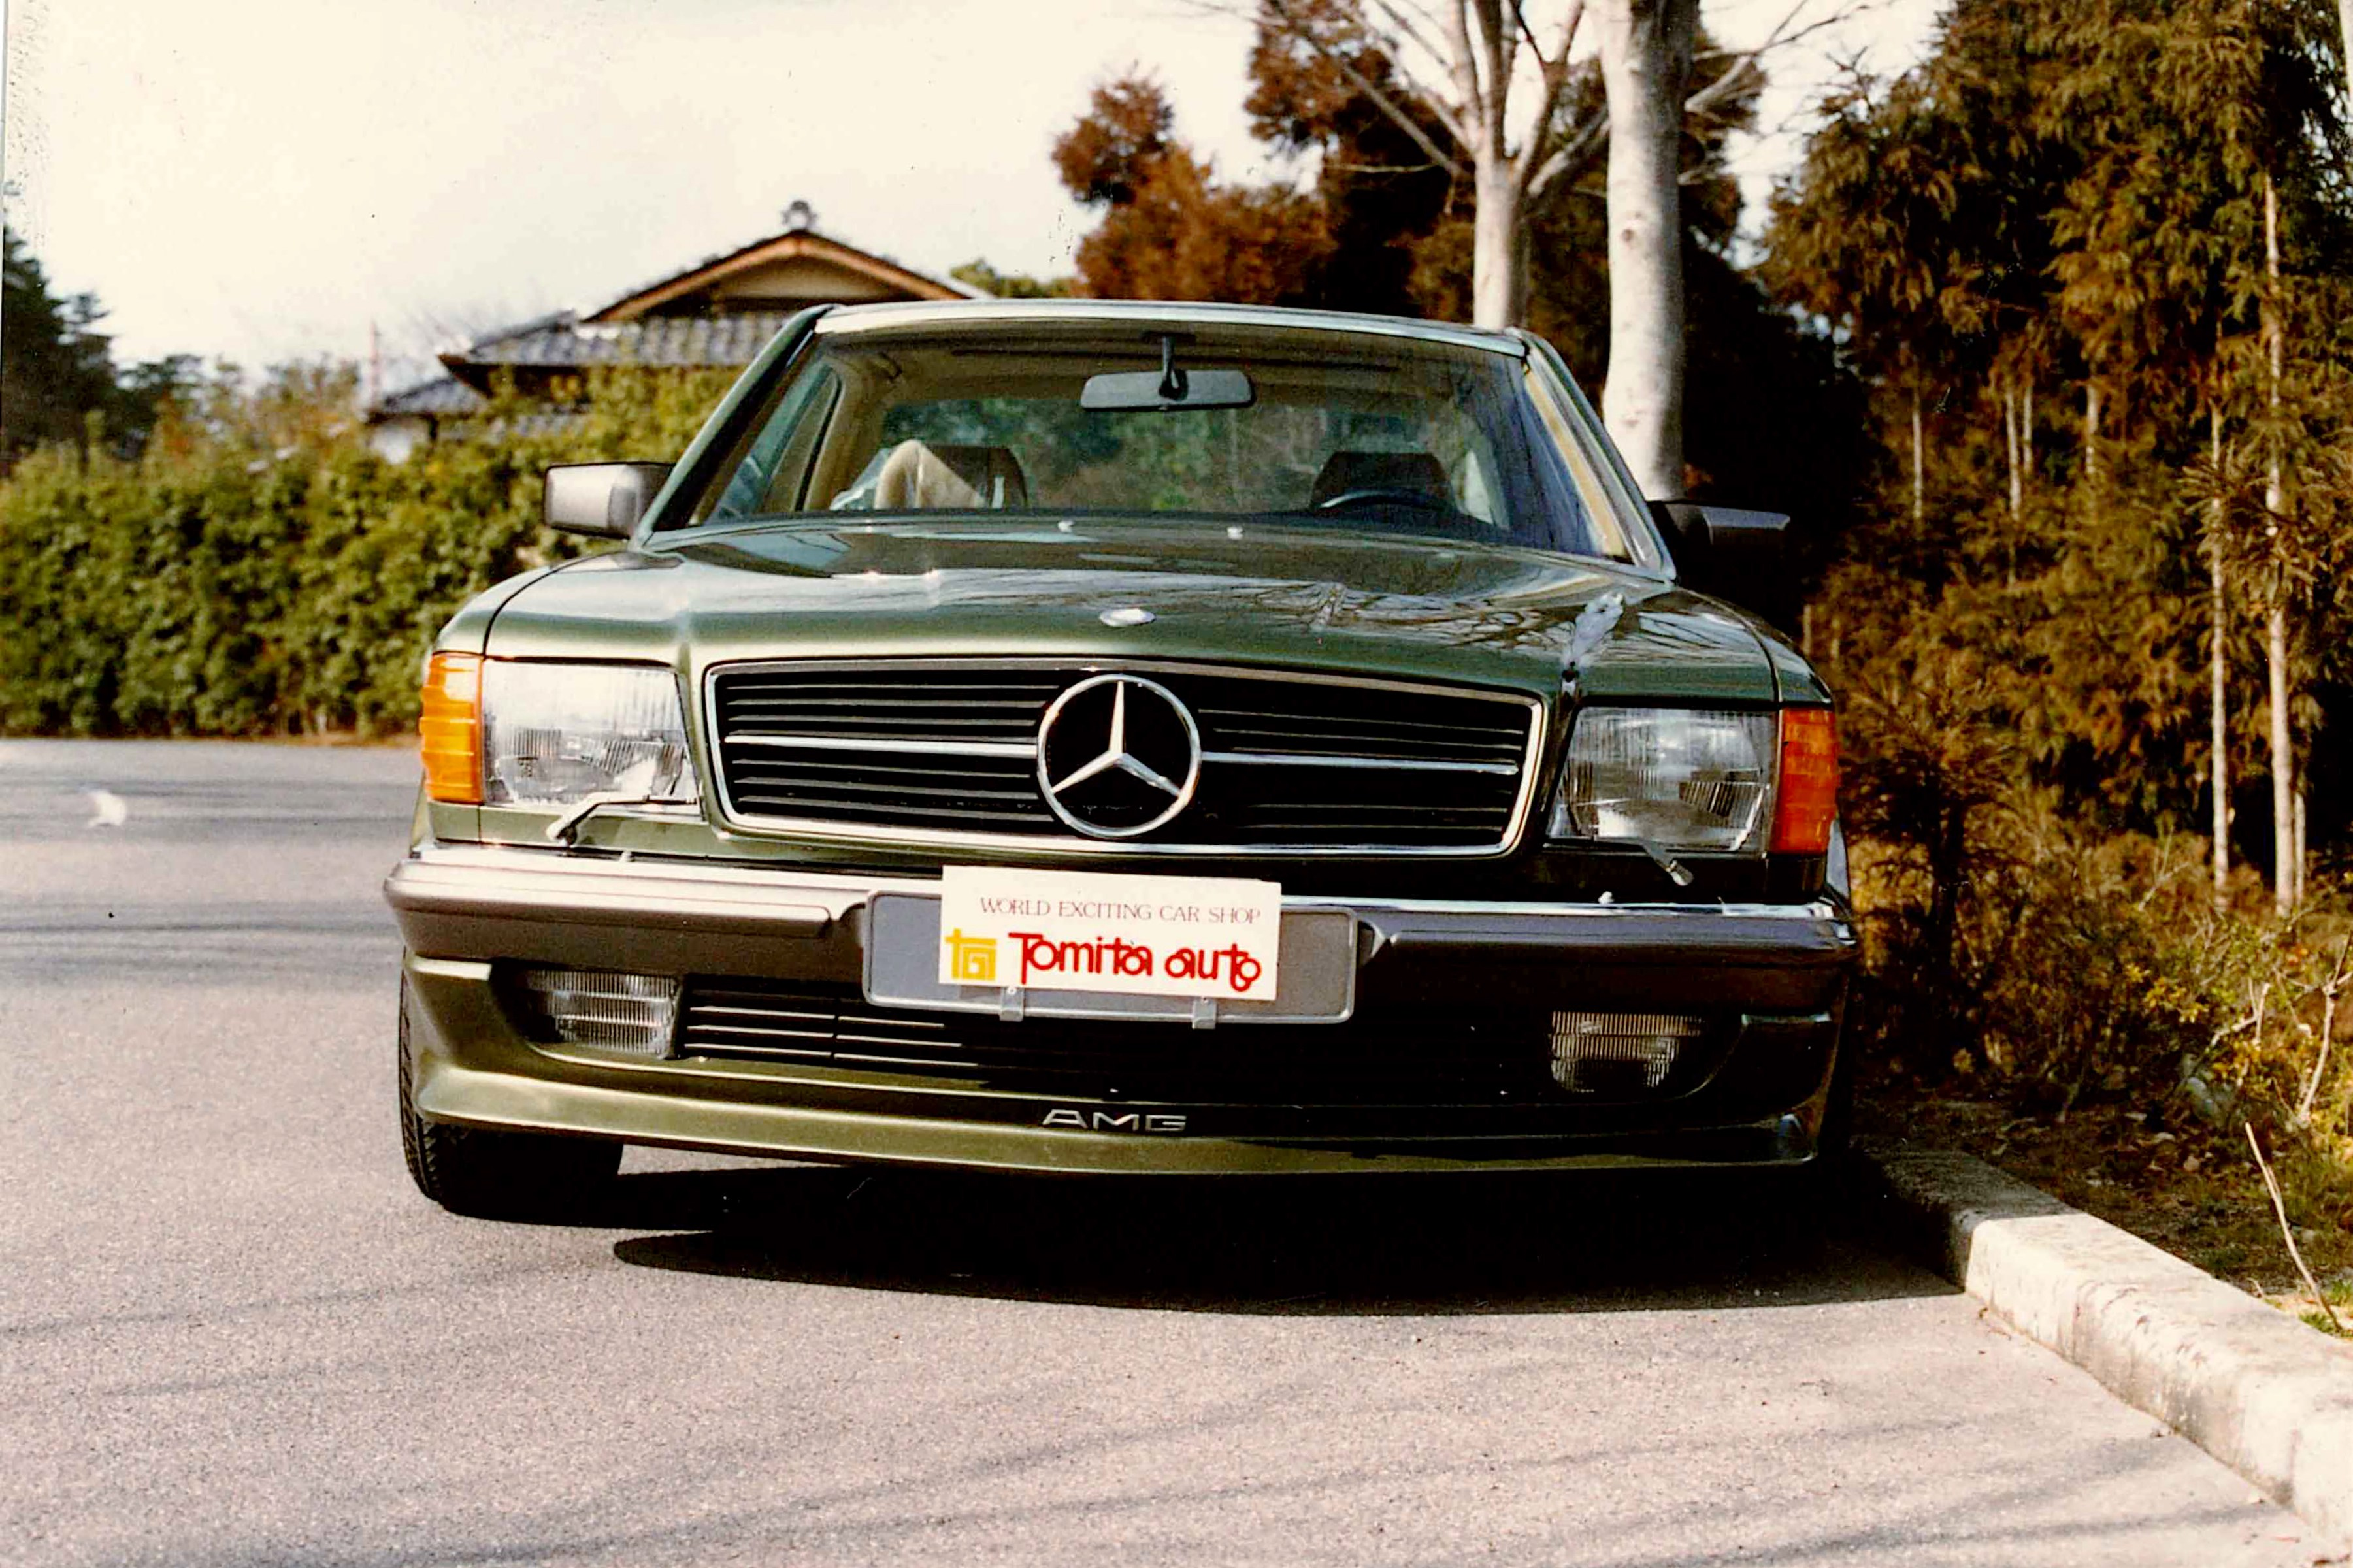 自動車メーカーになった男──想像力が全ての夢を叶えてくれる。第10回